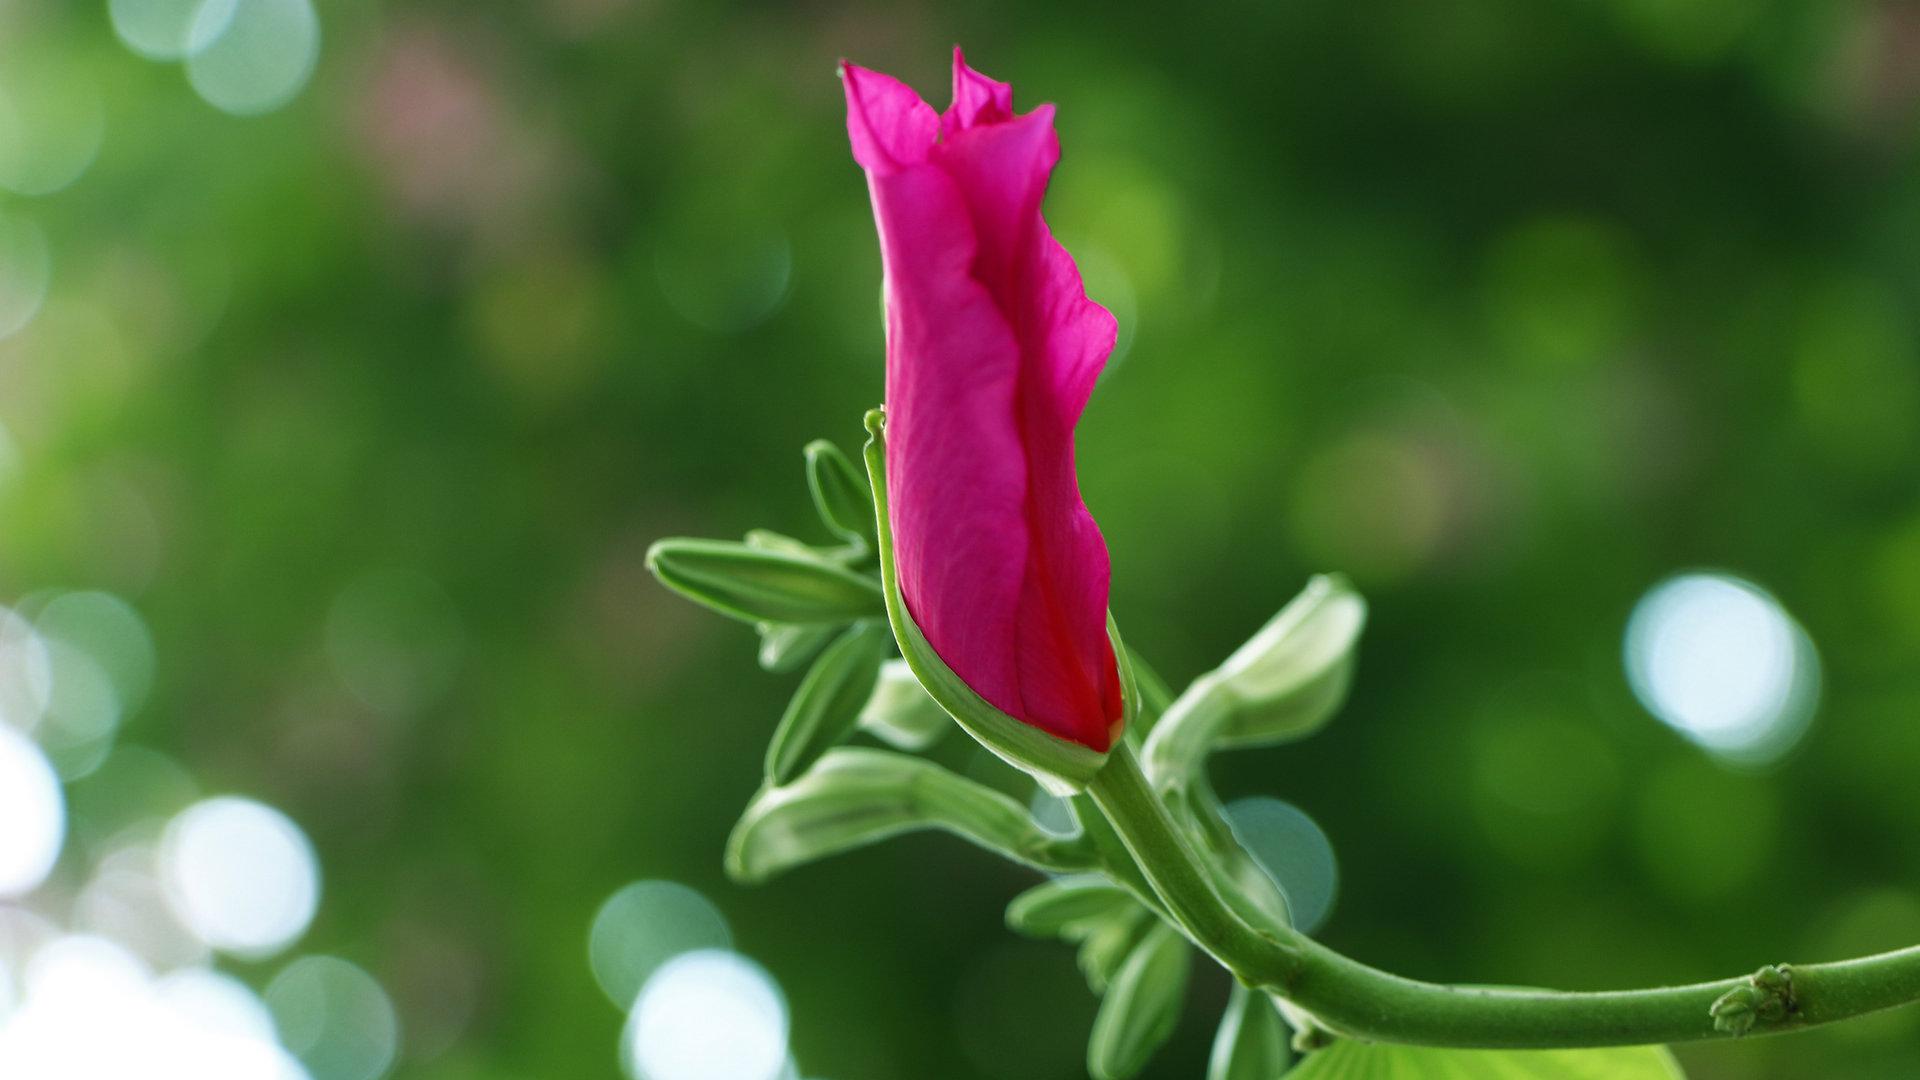 火红紫荆花图片壁纸